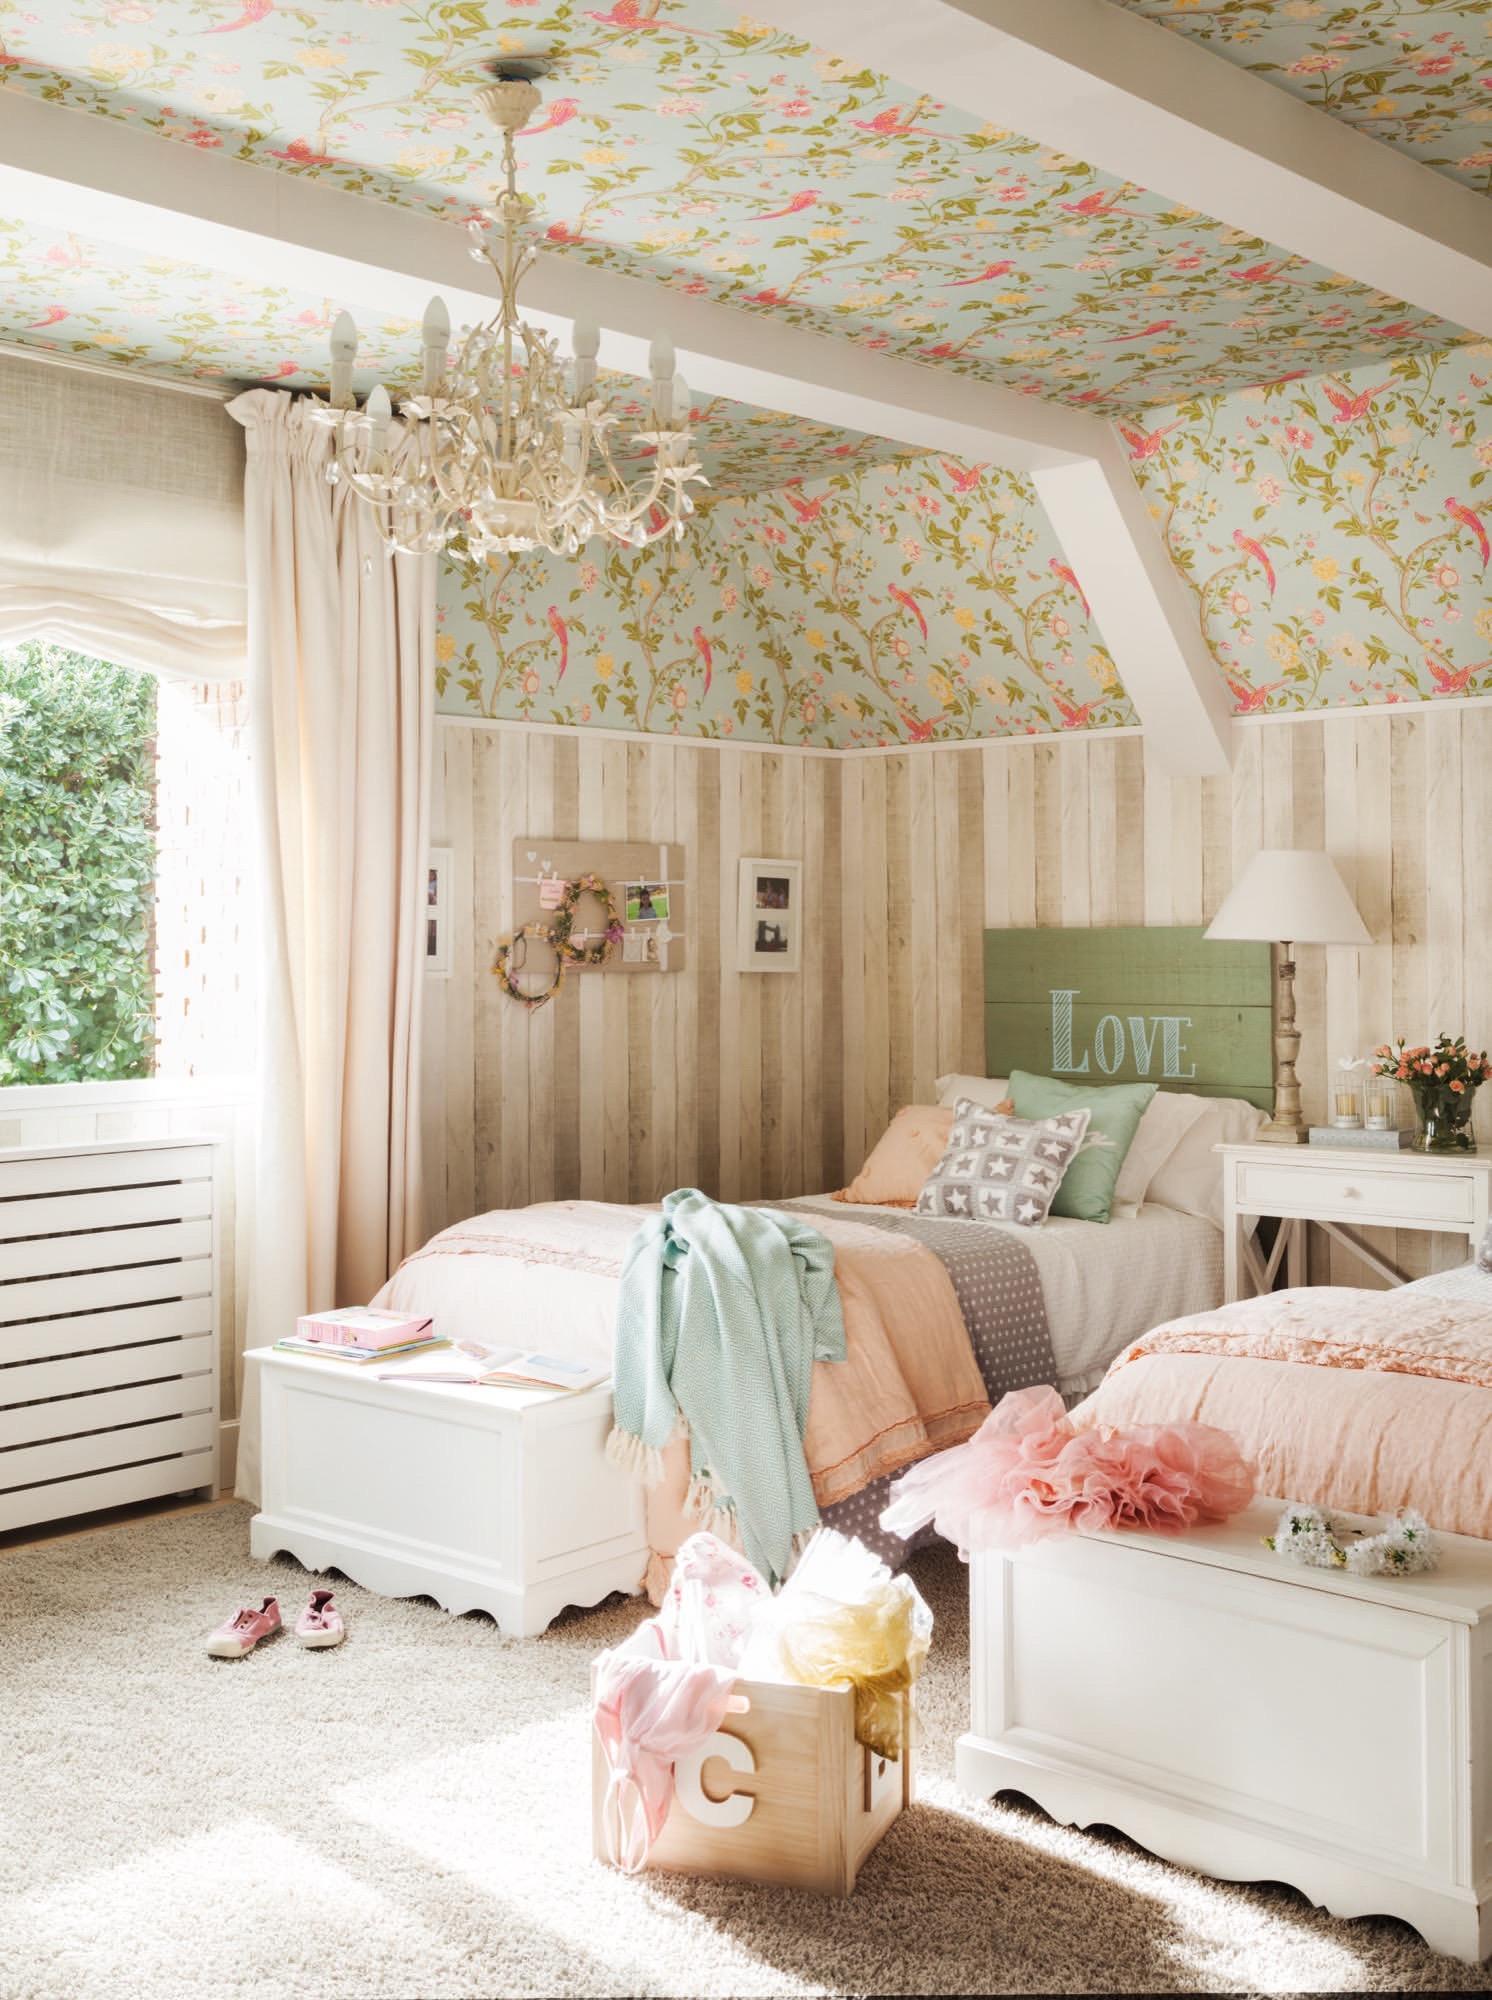 Una casa con muchos papeles pintados